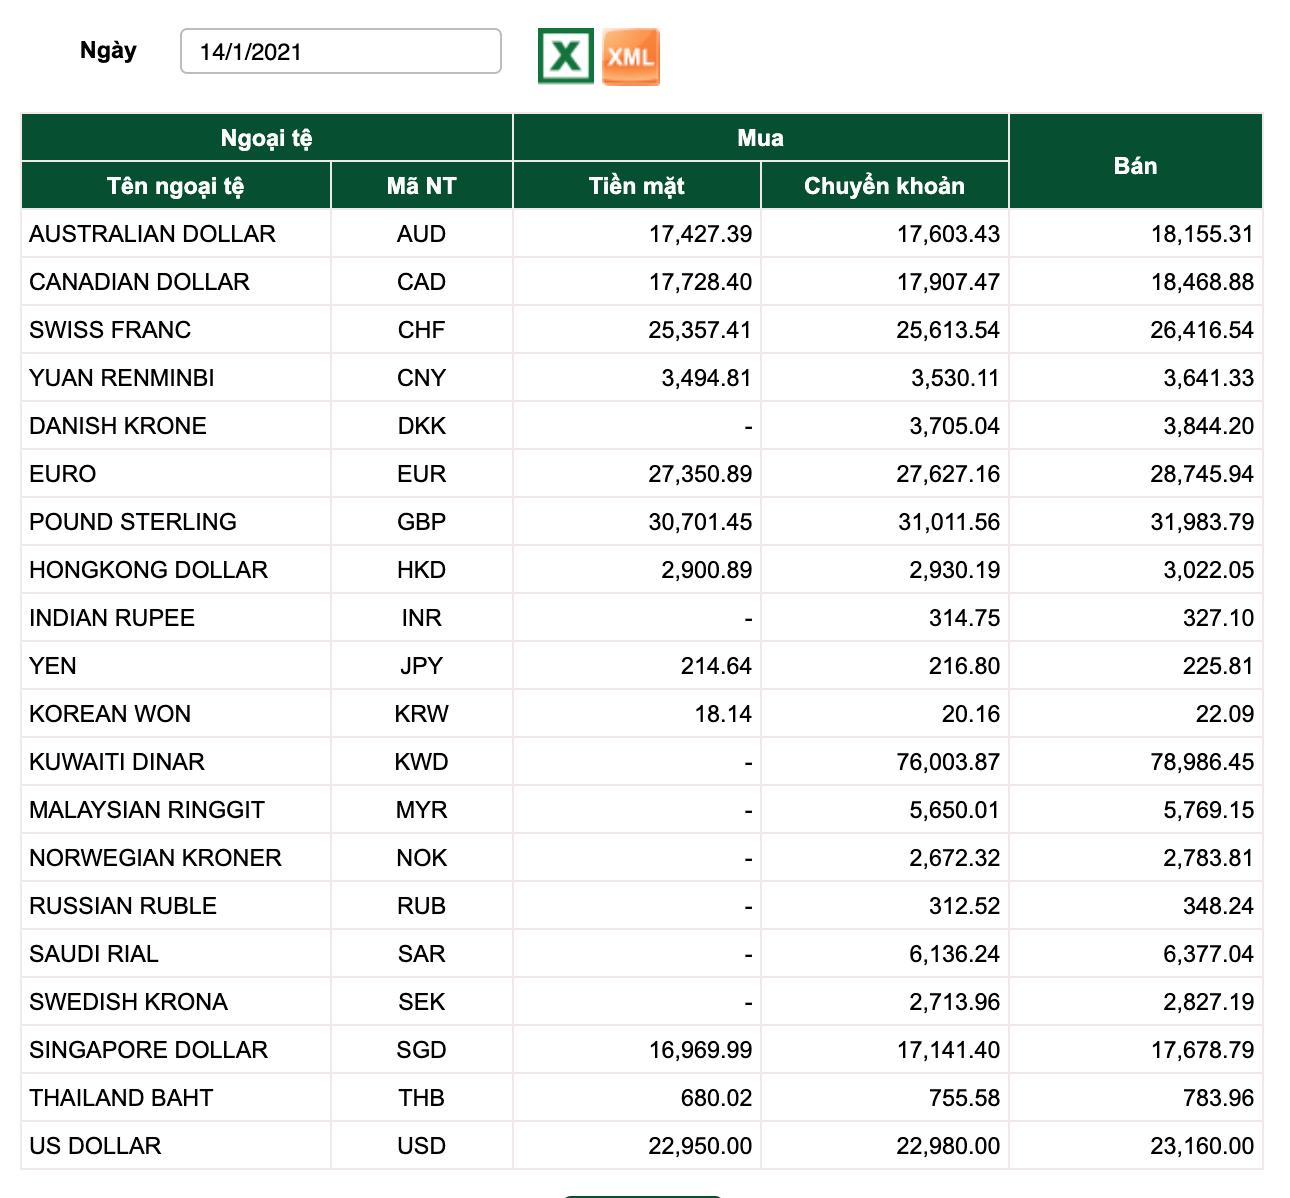 Tỷ giá Vietcombank hôm nay 14/1: Đồng loạt quay đầu giảm giá